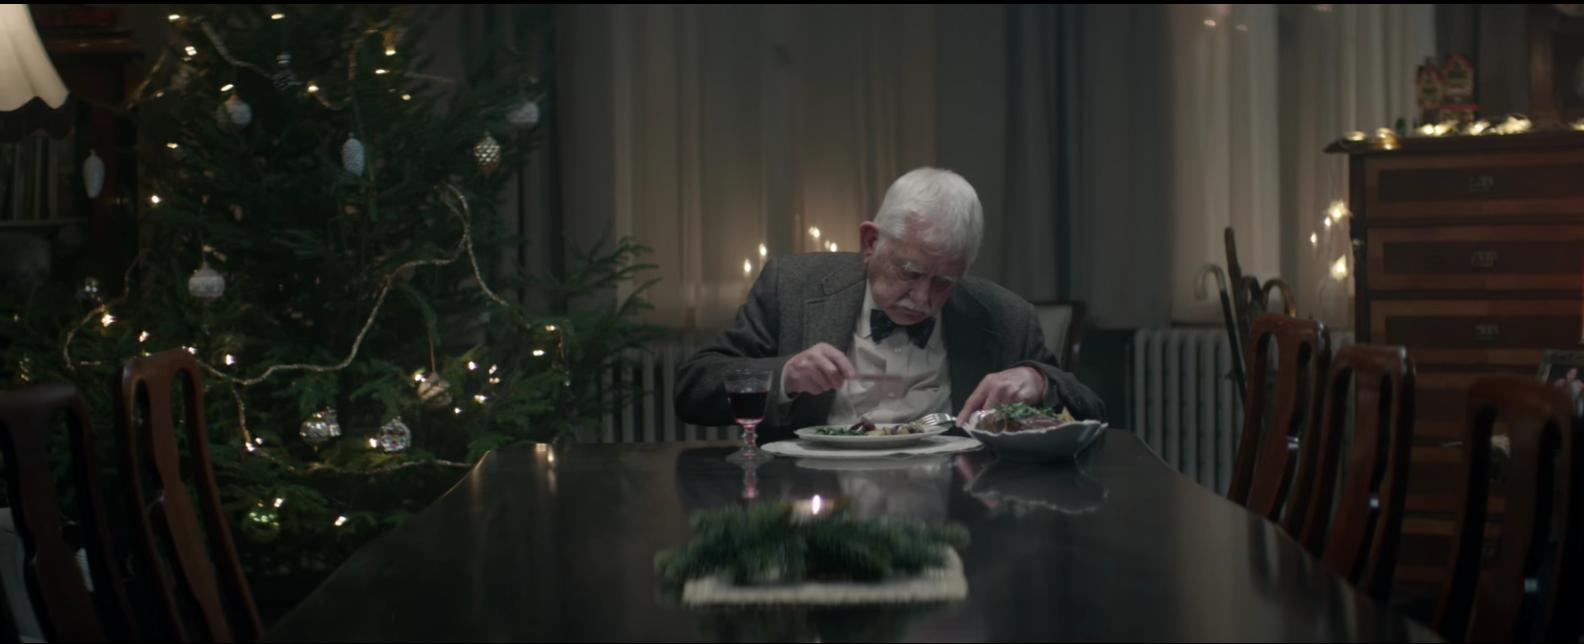 Edeka dénonce la solitude des personnes âgées pendant les fêtes avec un spot triste et touchant